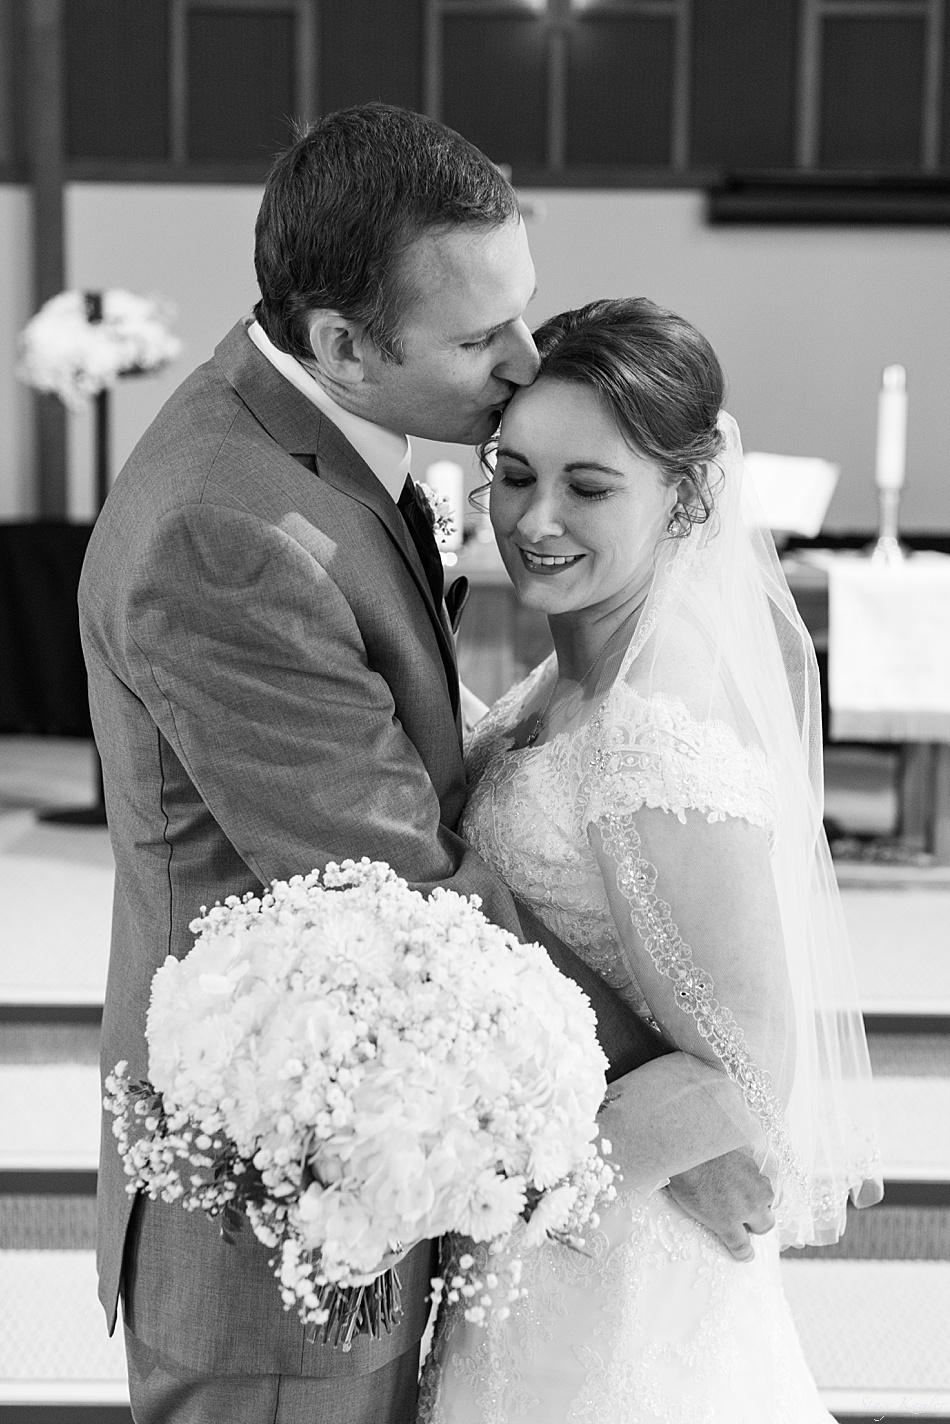 Bride and Groom Photos in Seward, NE